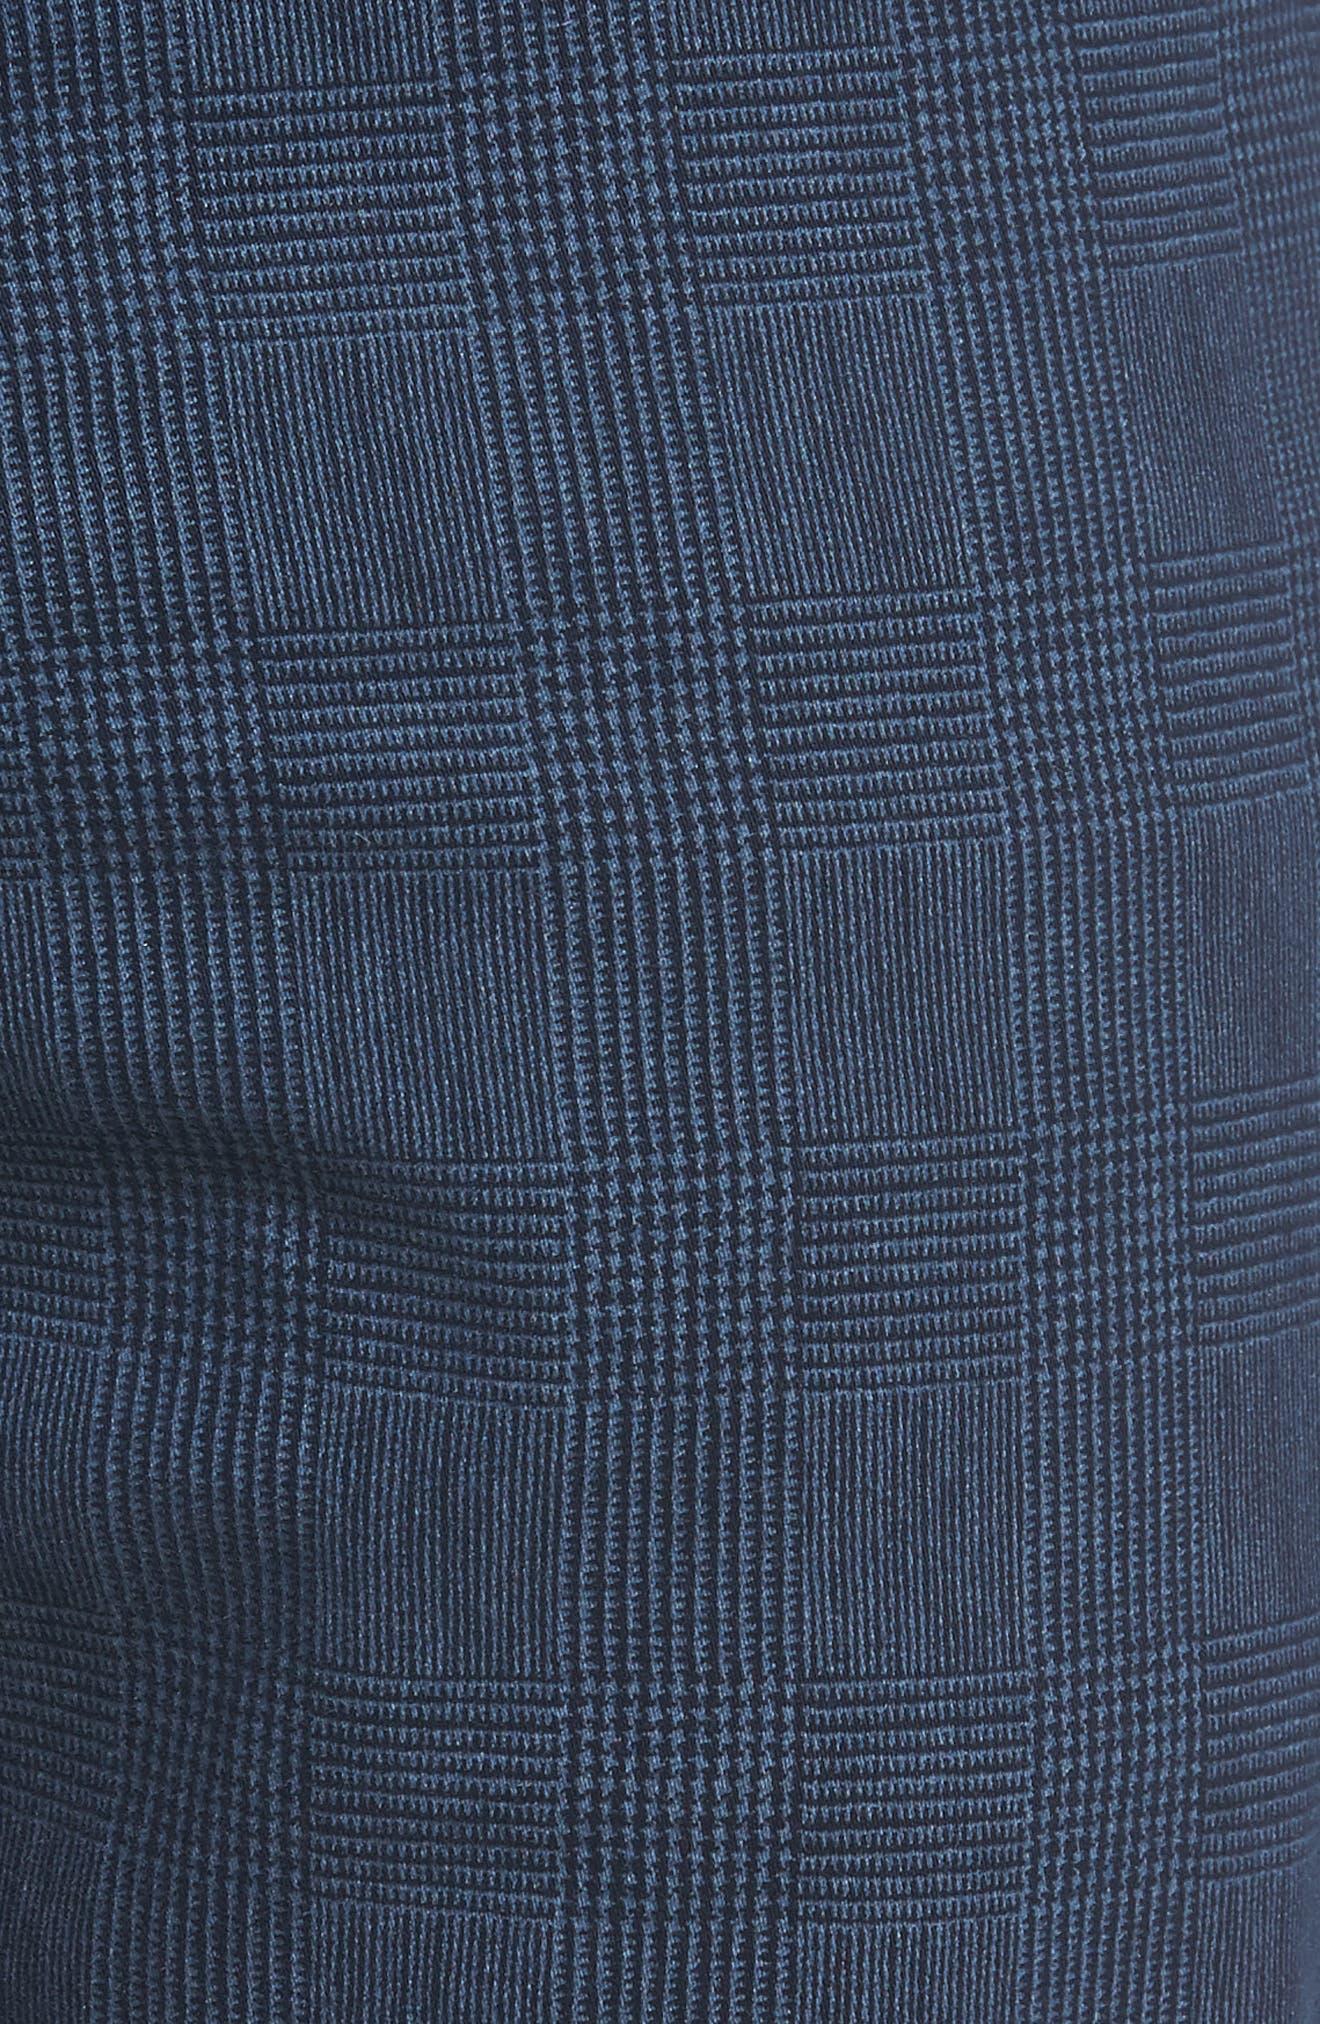 Herringbone Everett SUD Straight Leg Pants,                             Alternate thumbnail 5, color,                             Fine Plaid Blue Vault